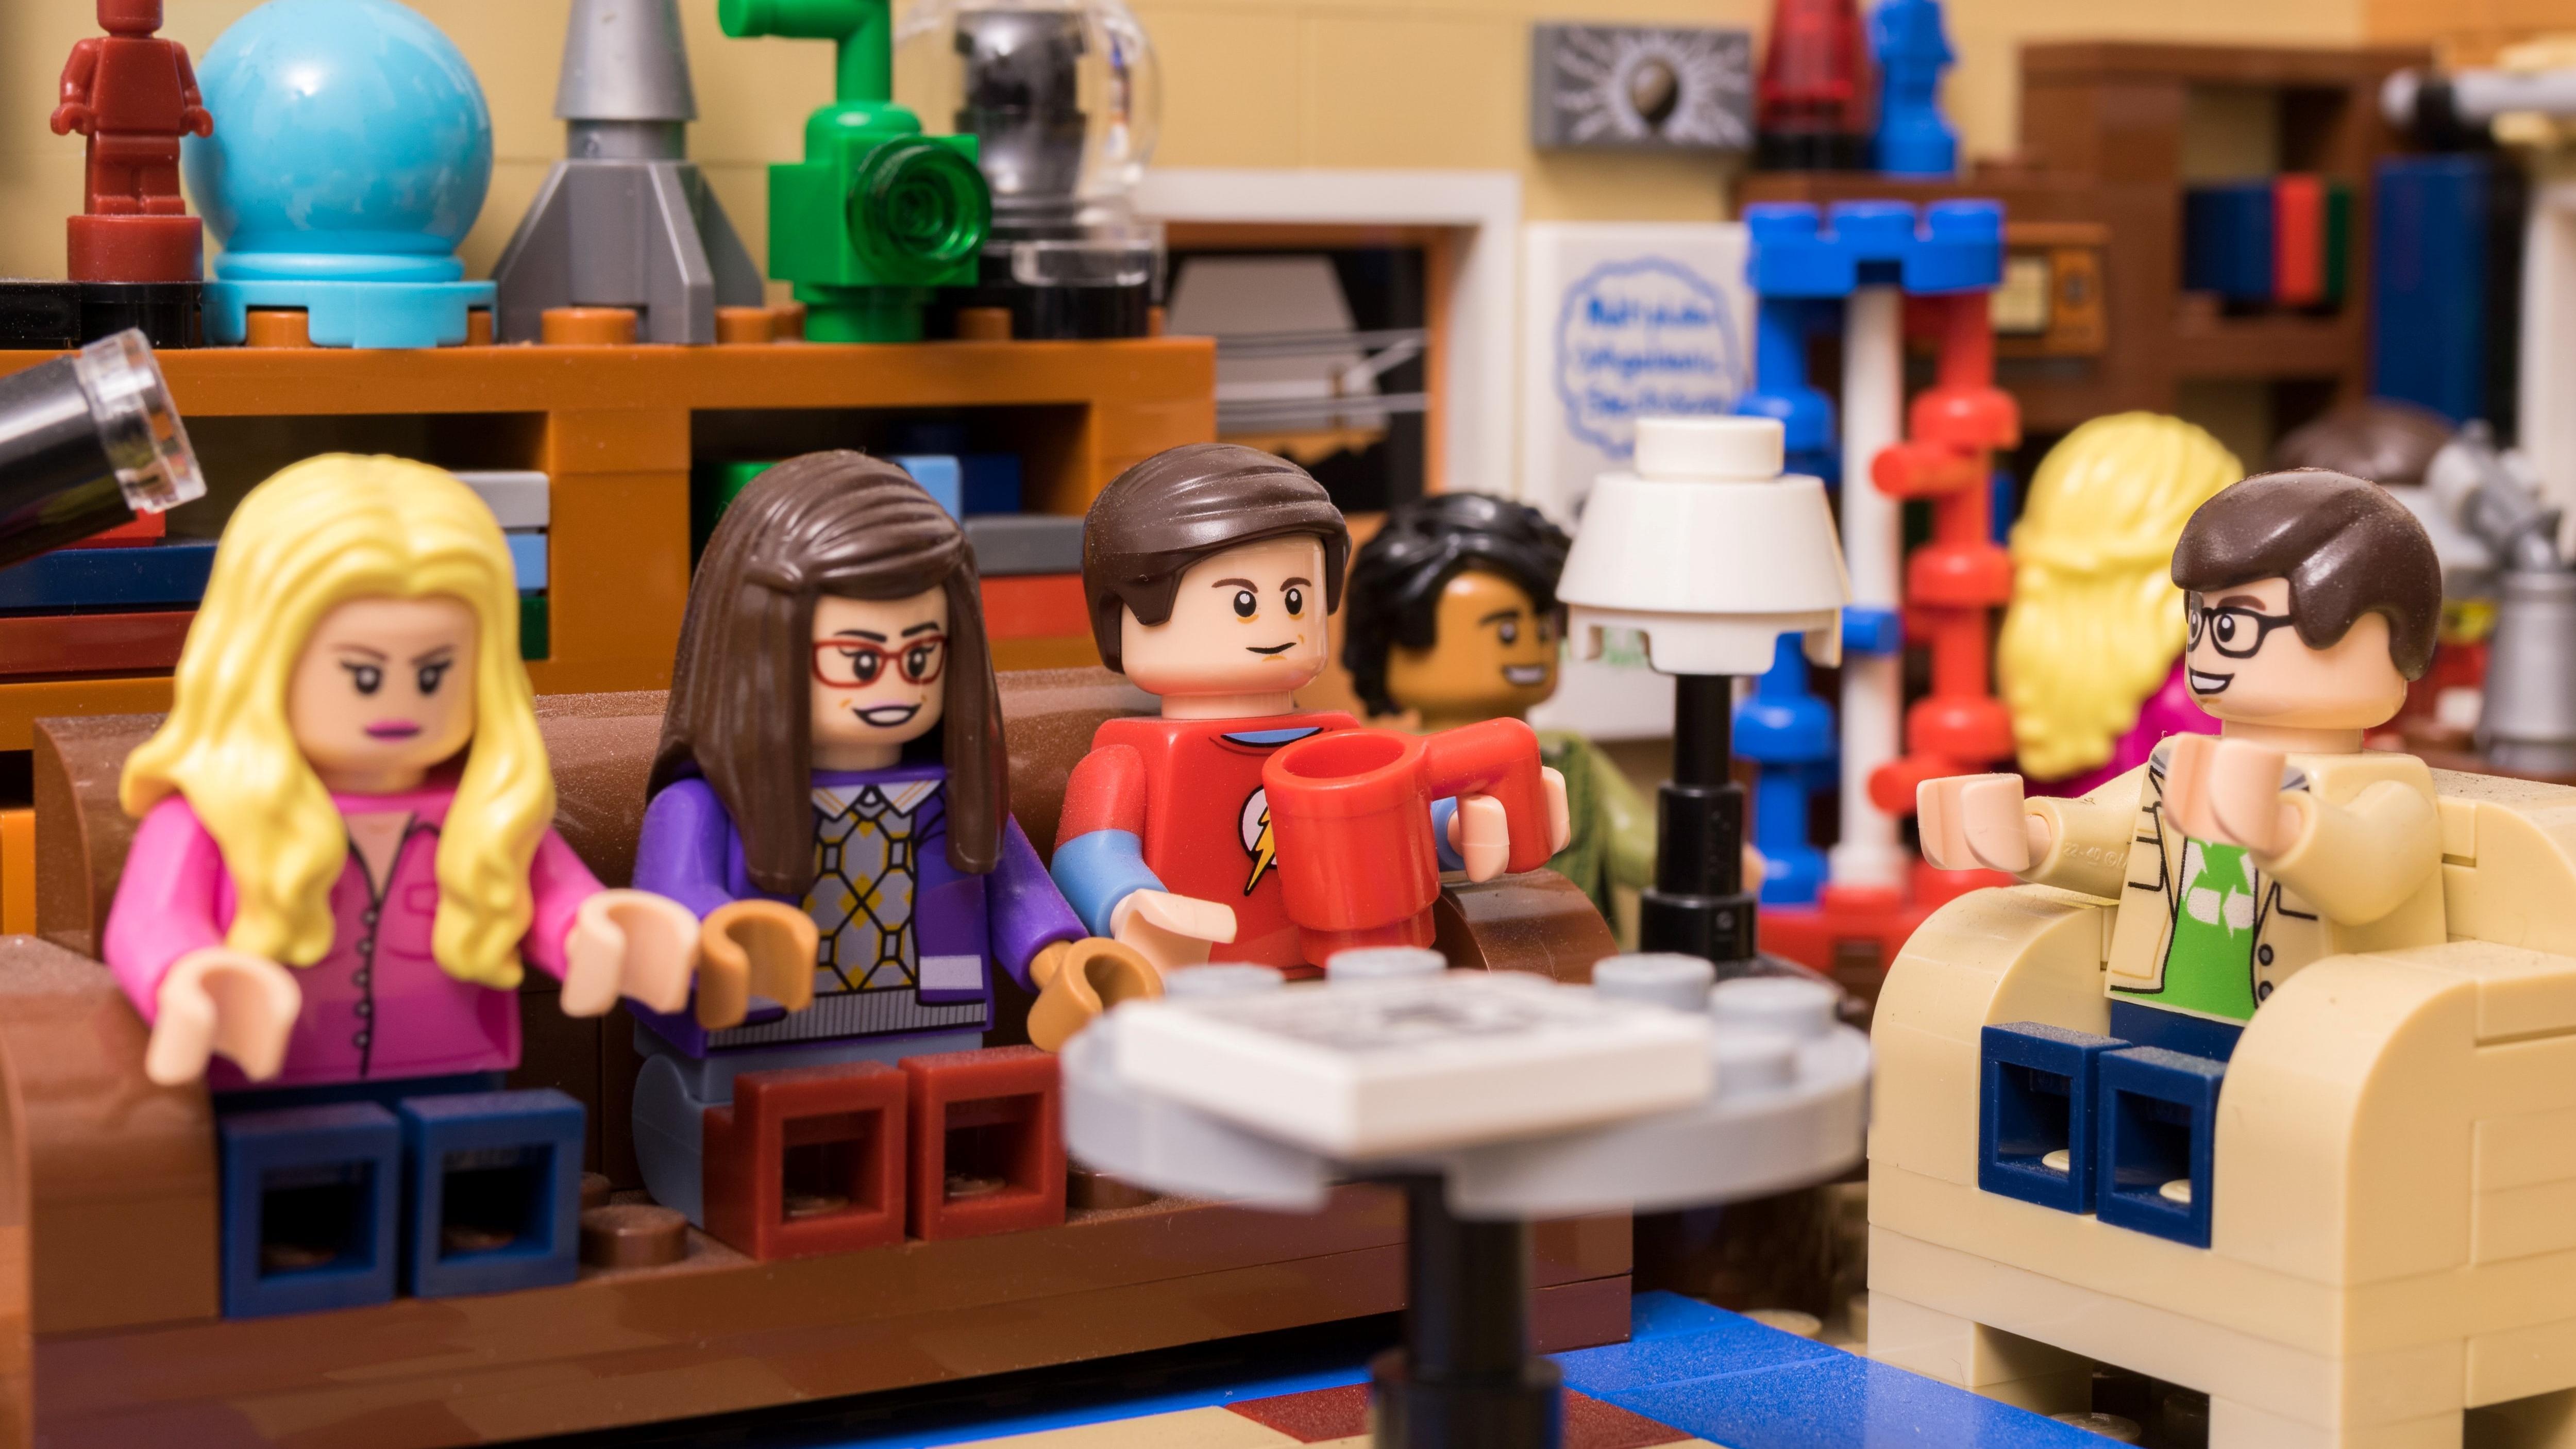 Xingbao und Lego sind kompatible Klemmbausteinhersteller, die durchaus miteinander vergleichbar sind